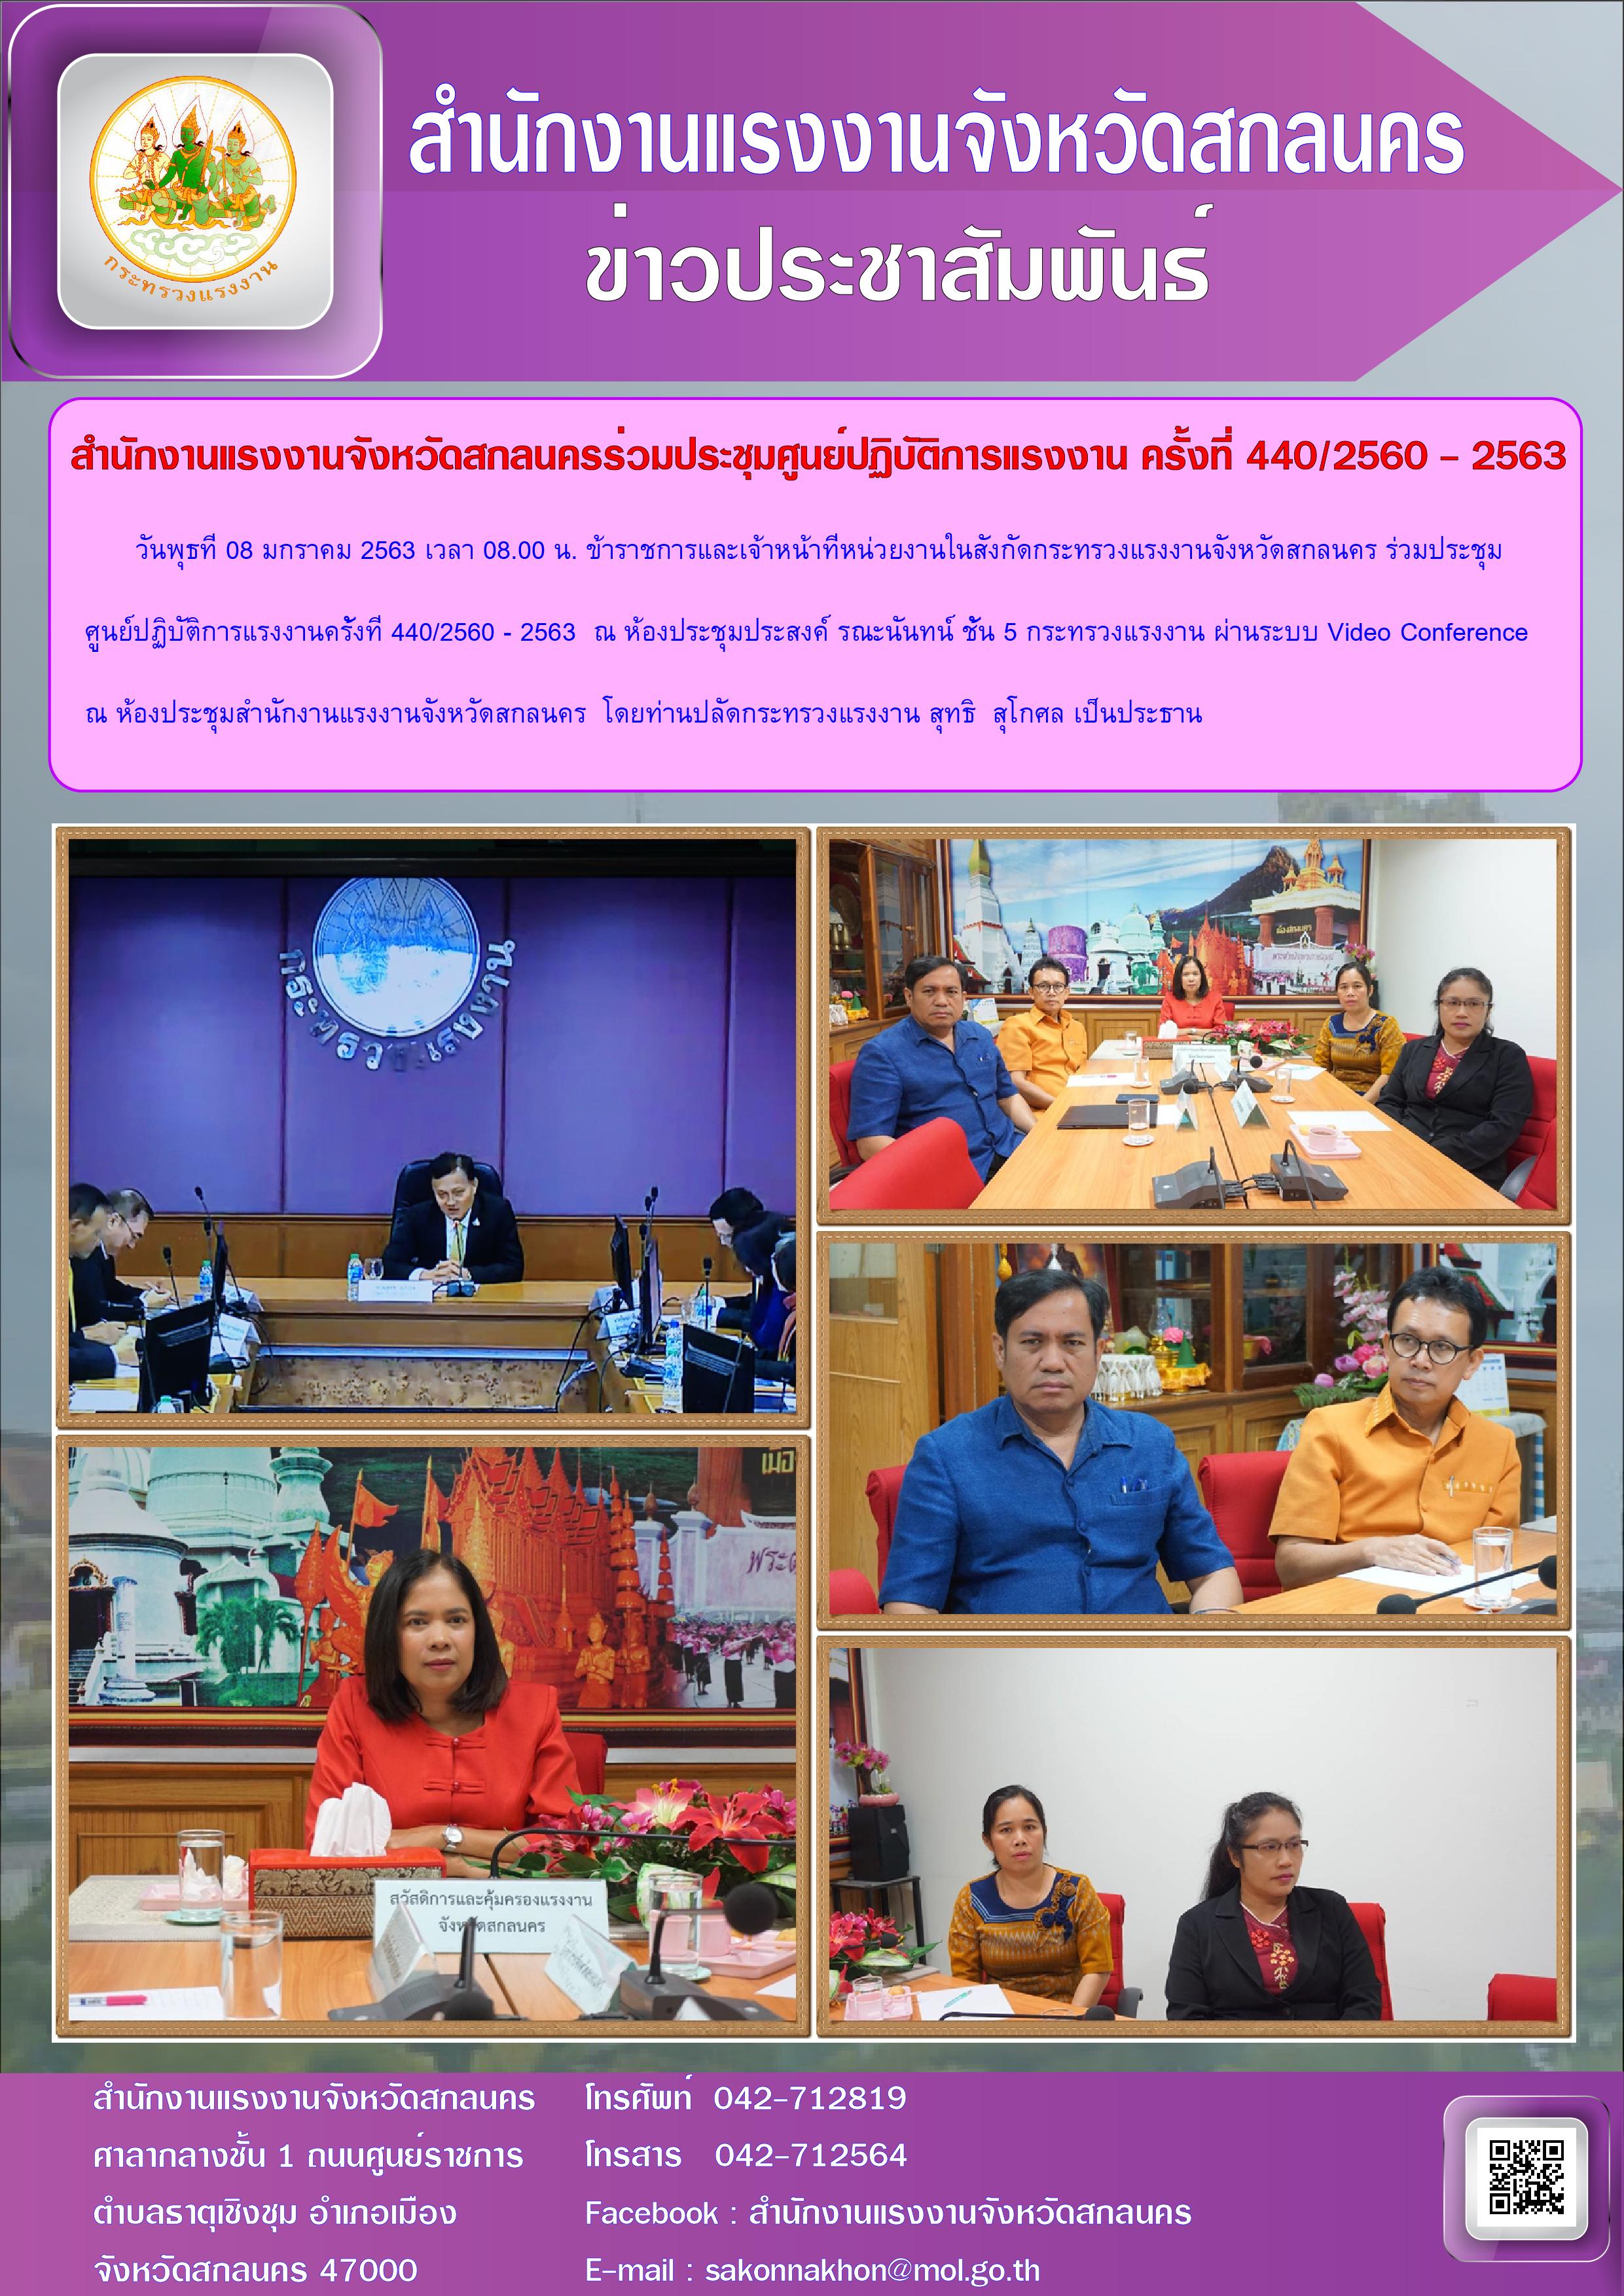 สำนักงานแรงงานจังหวัดสกลนครร่วมประชุมศูนย์ปฏิบัติการแรงงาน ครั้งที่ 440/2560 – 2563